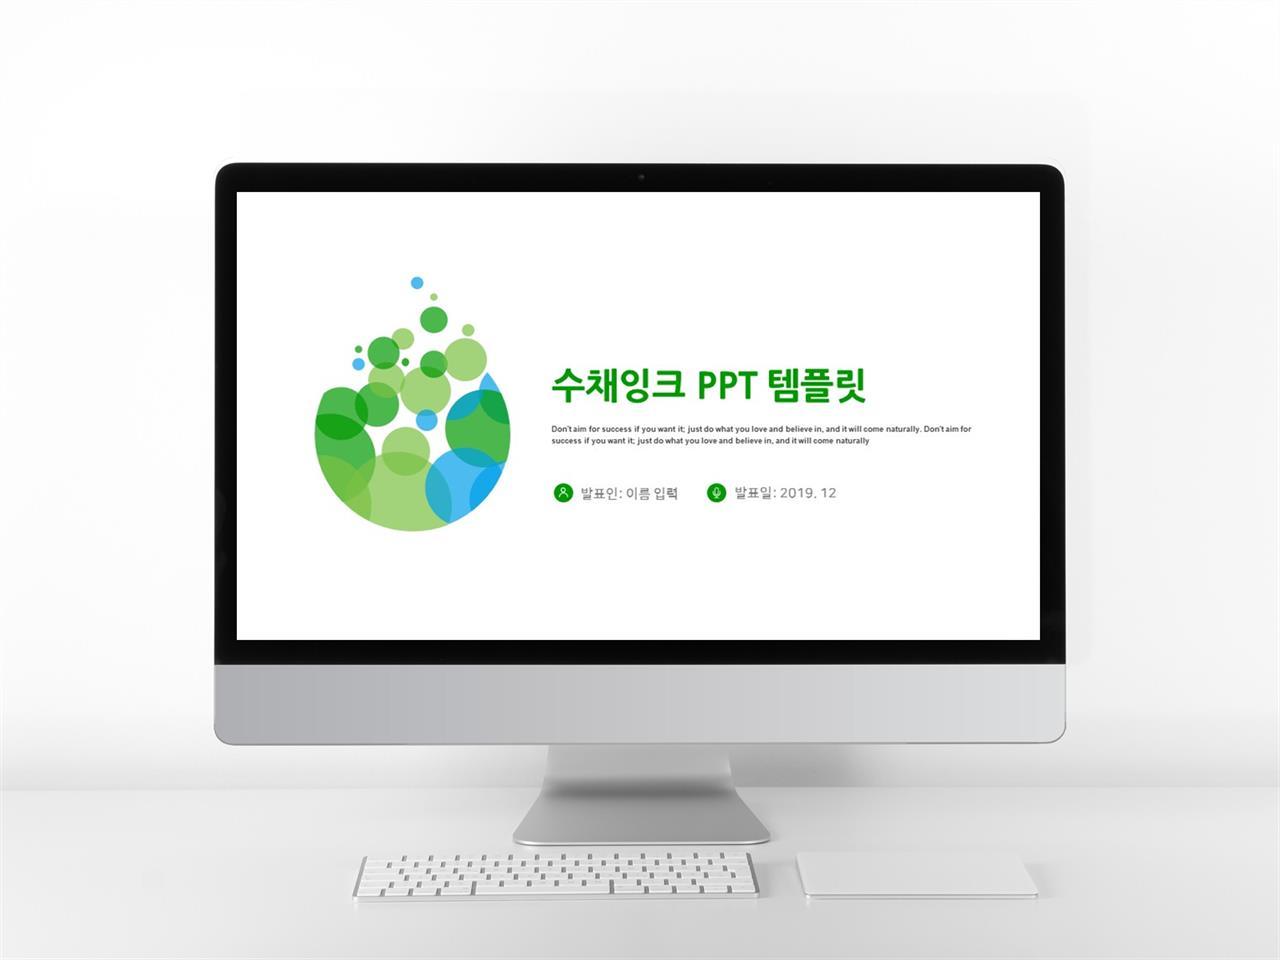 식물동물 그린색 산뜻한 멋진 POWERPOINT탬플릿 다운로드 미리보기